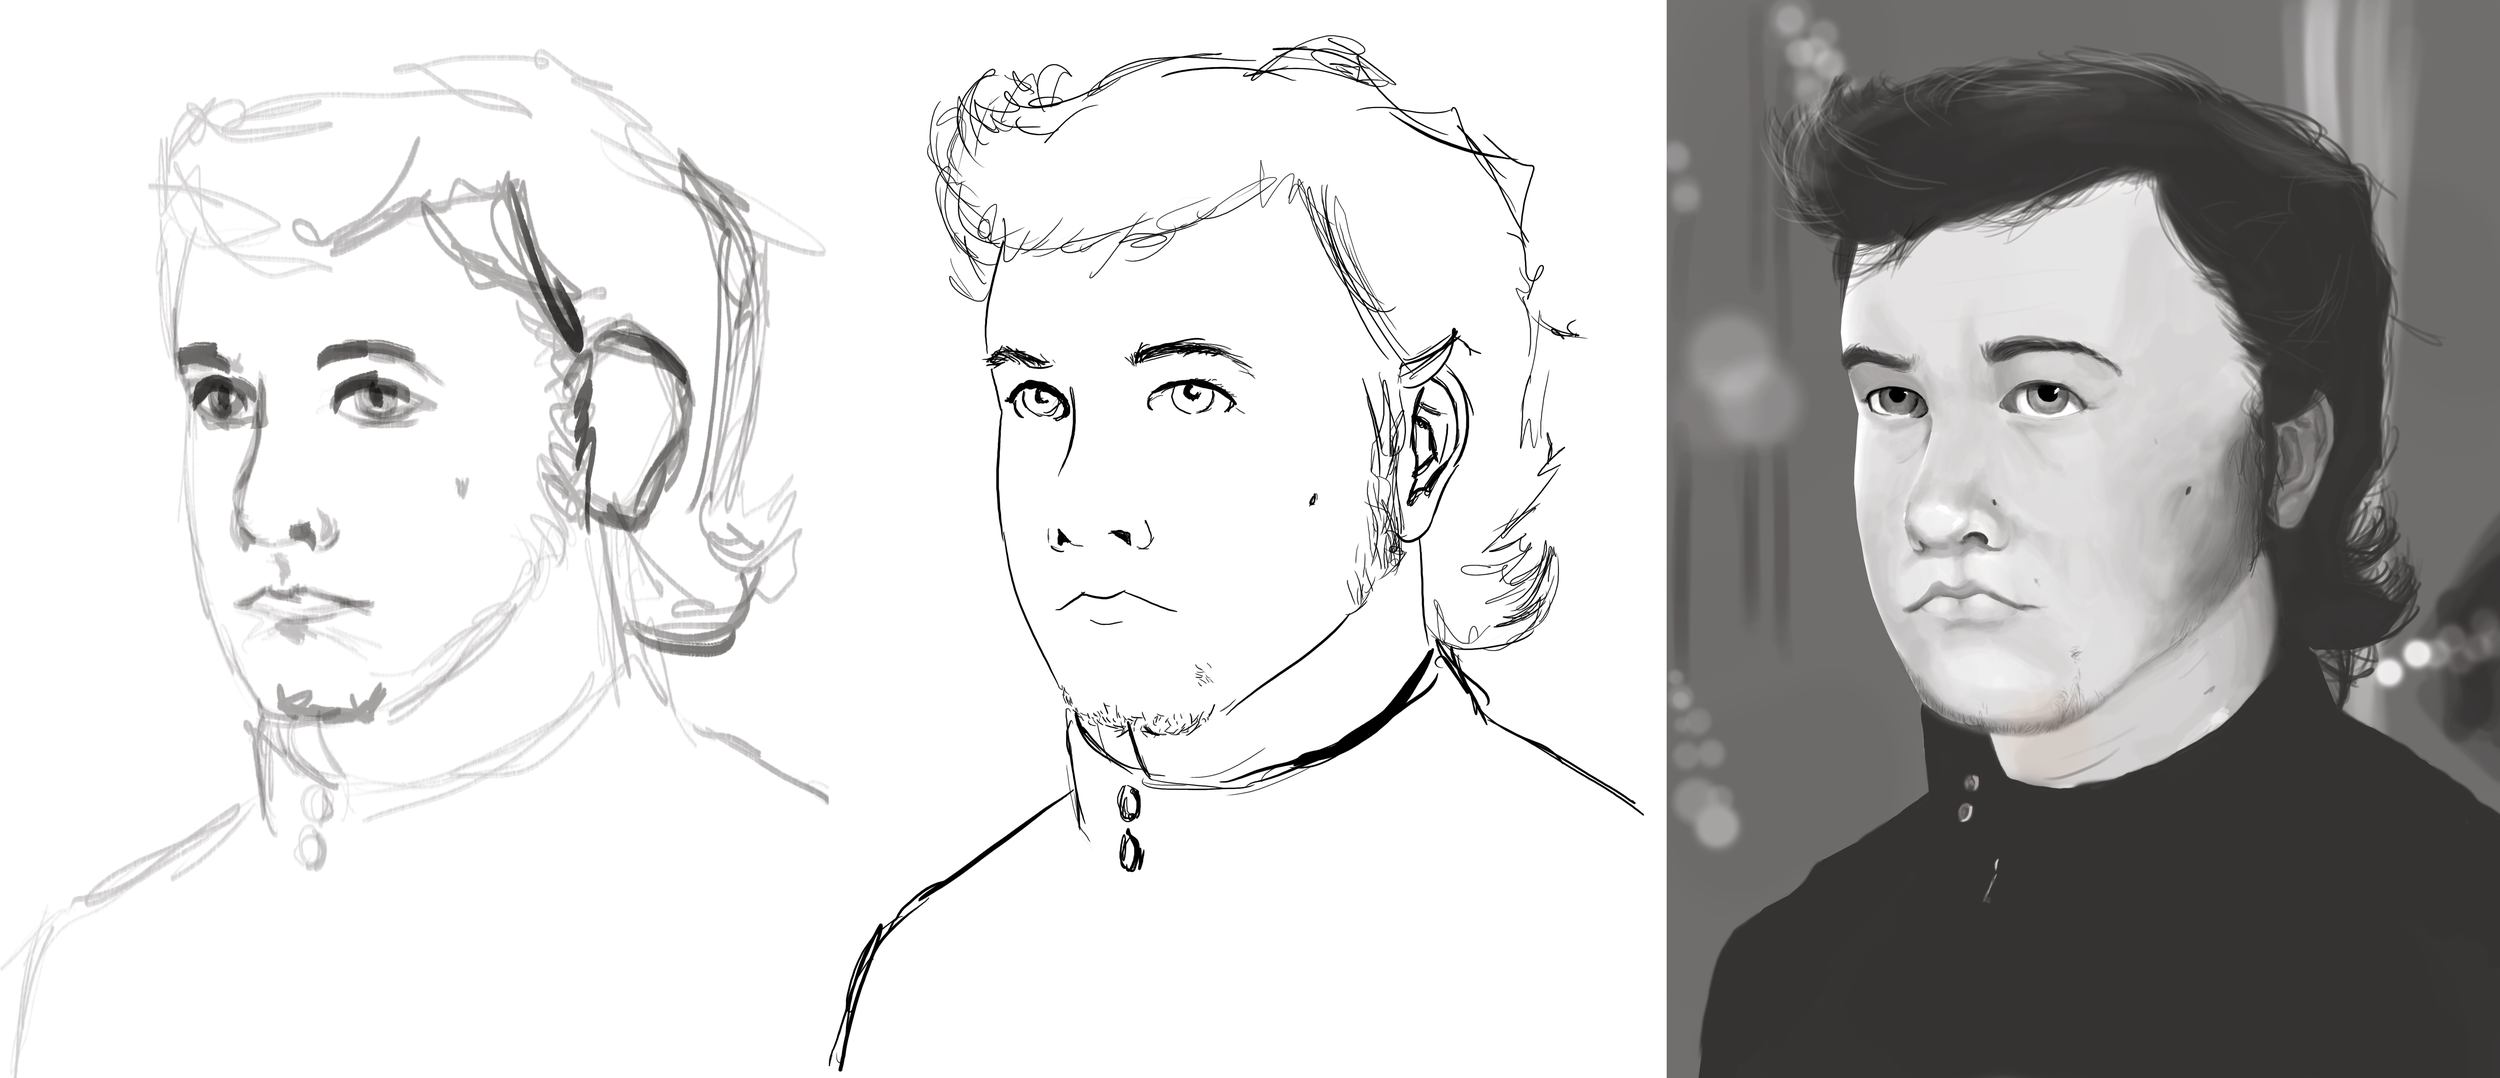 Self Portrait: thumbnail, line-work, value comp.